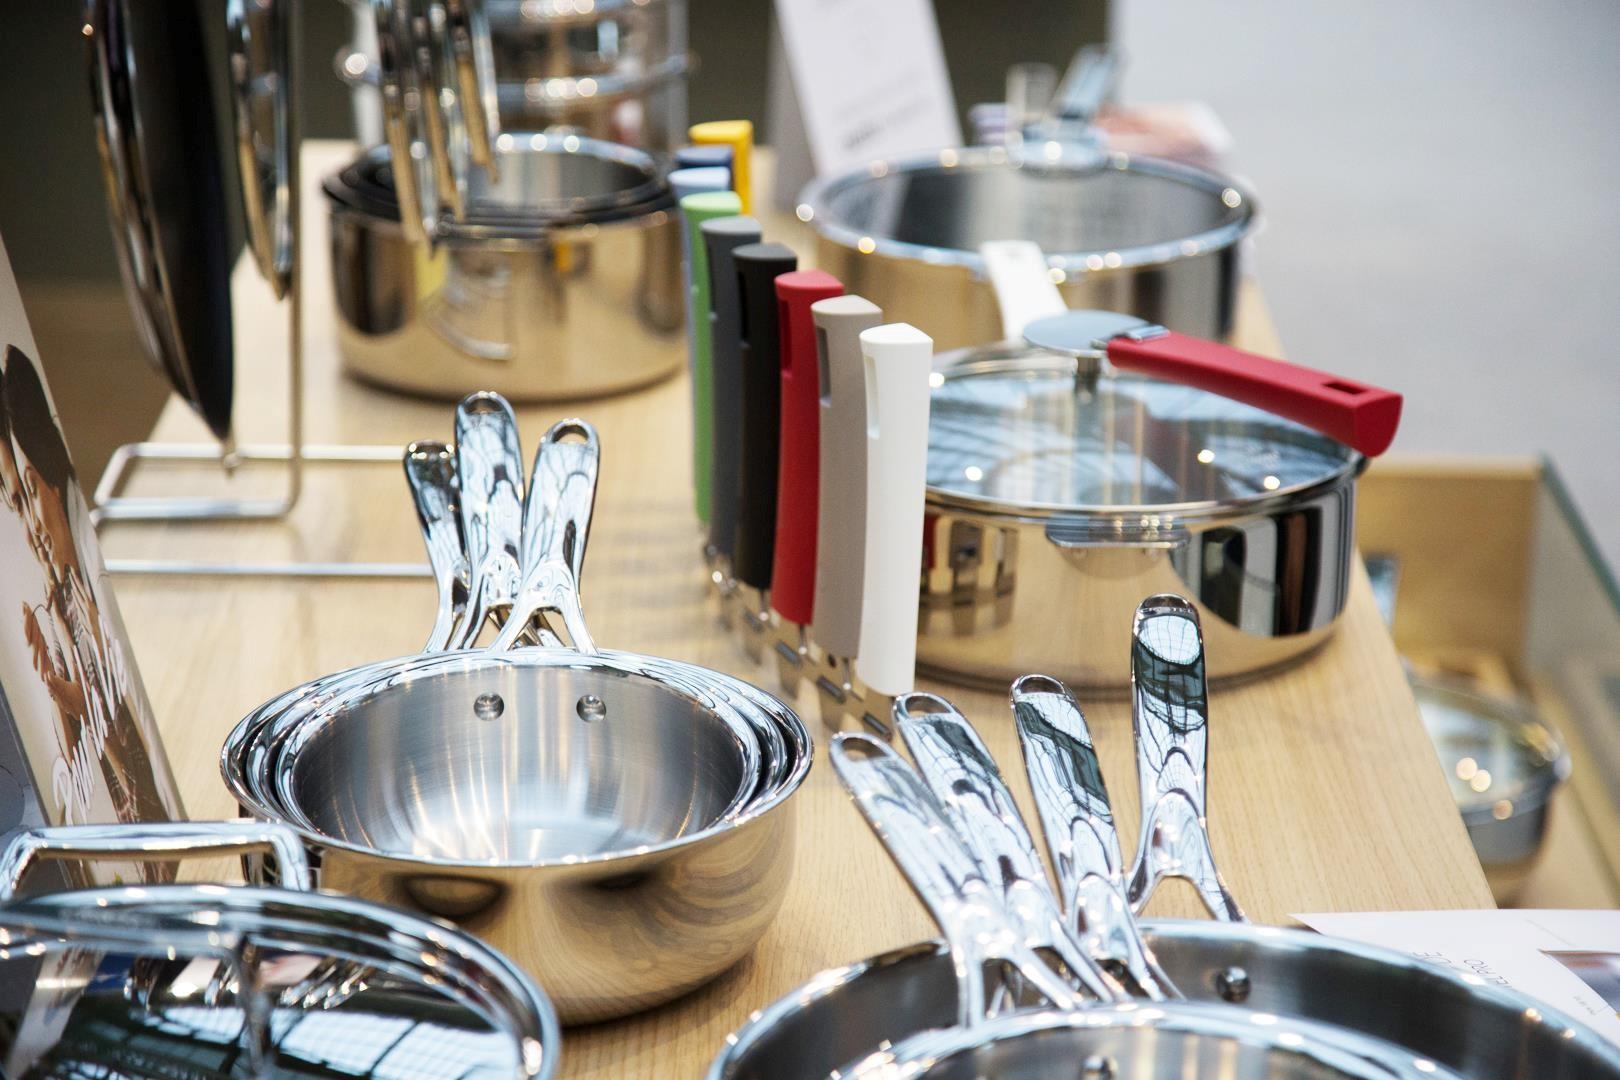 Accessoires de cuisine inox sur plan de travail